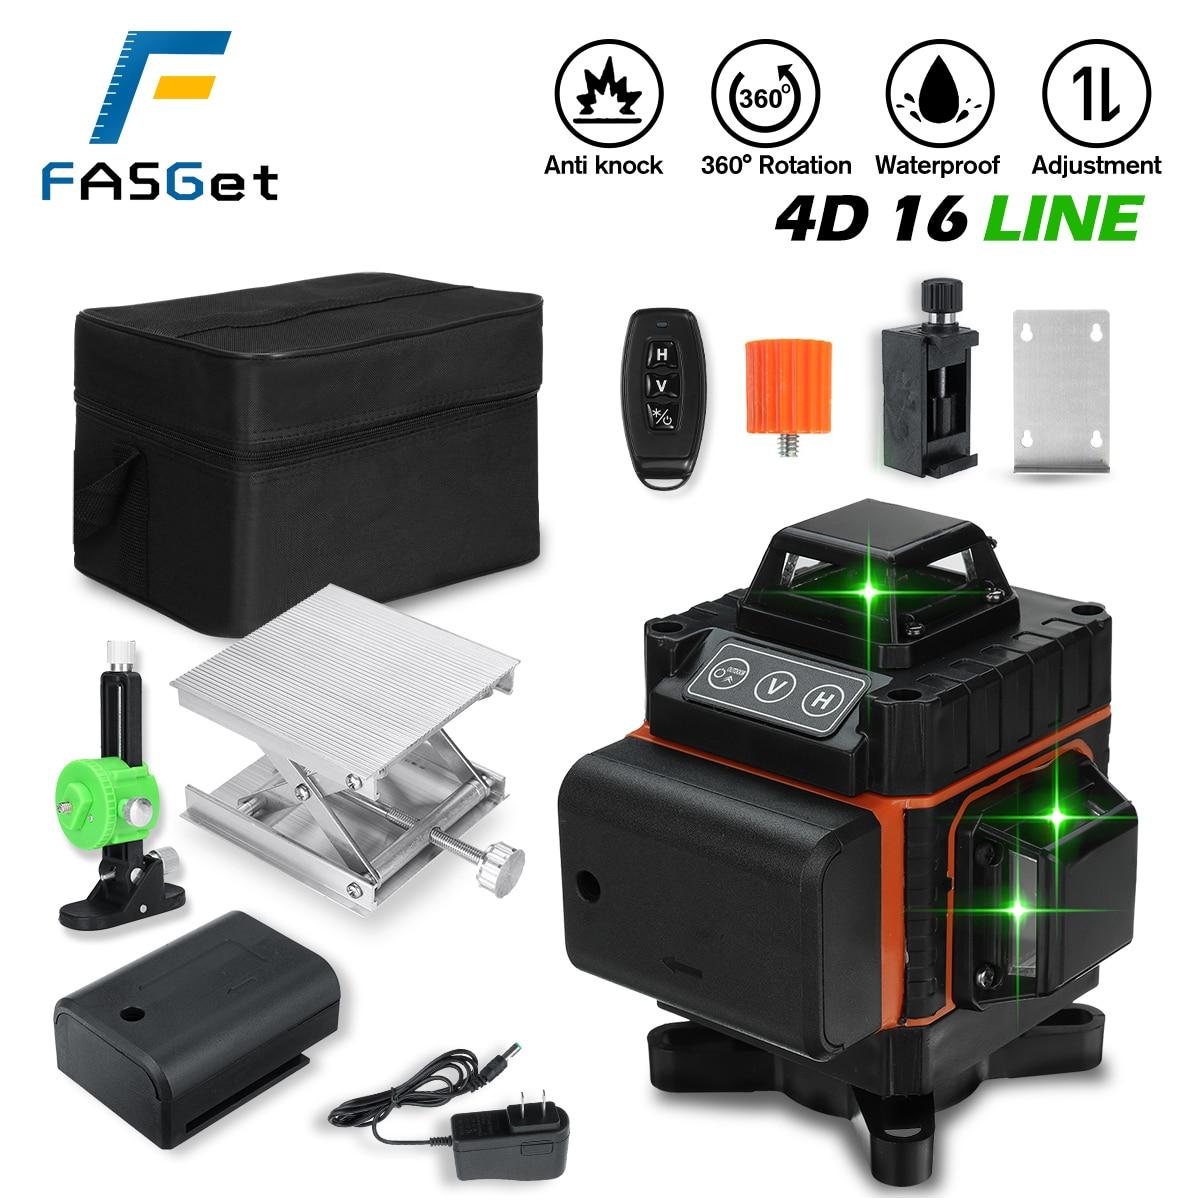 فاسجيت 4D 16 خطوط مستويات الليزر الأخضر 360 خطوط متقاطعة أفقية وعمودية مع التسوية الذاتية فائقة القوة